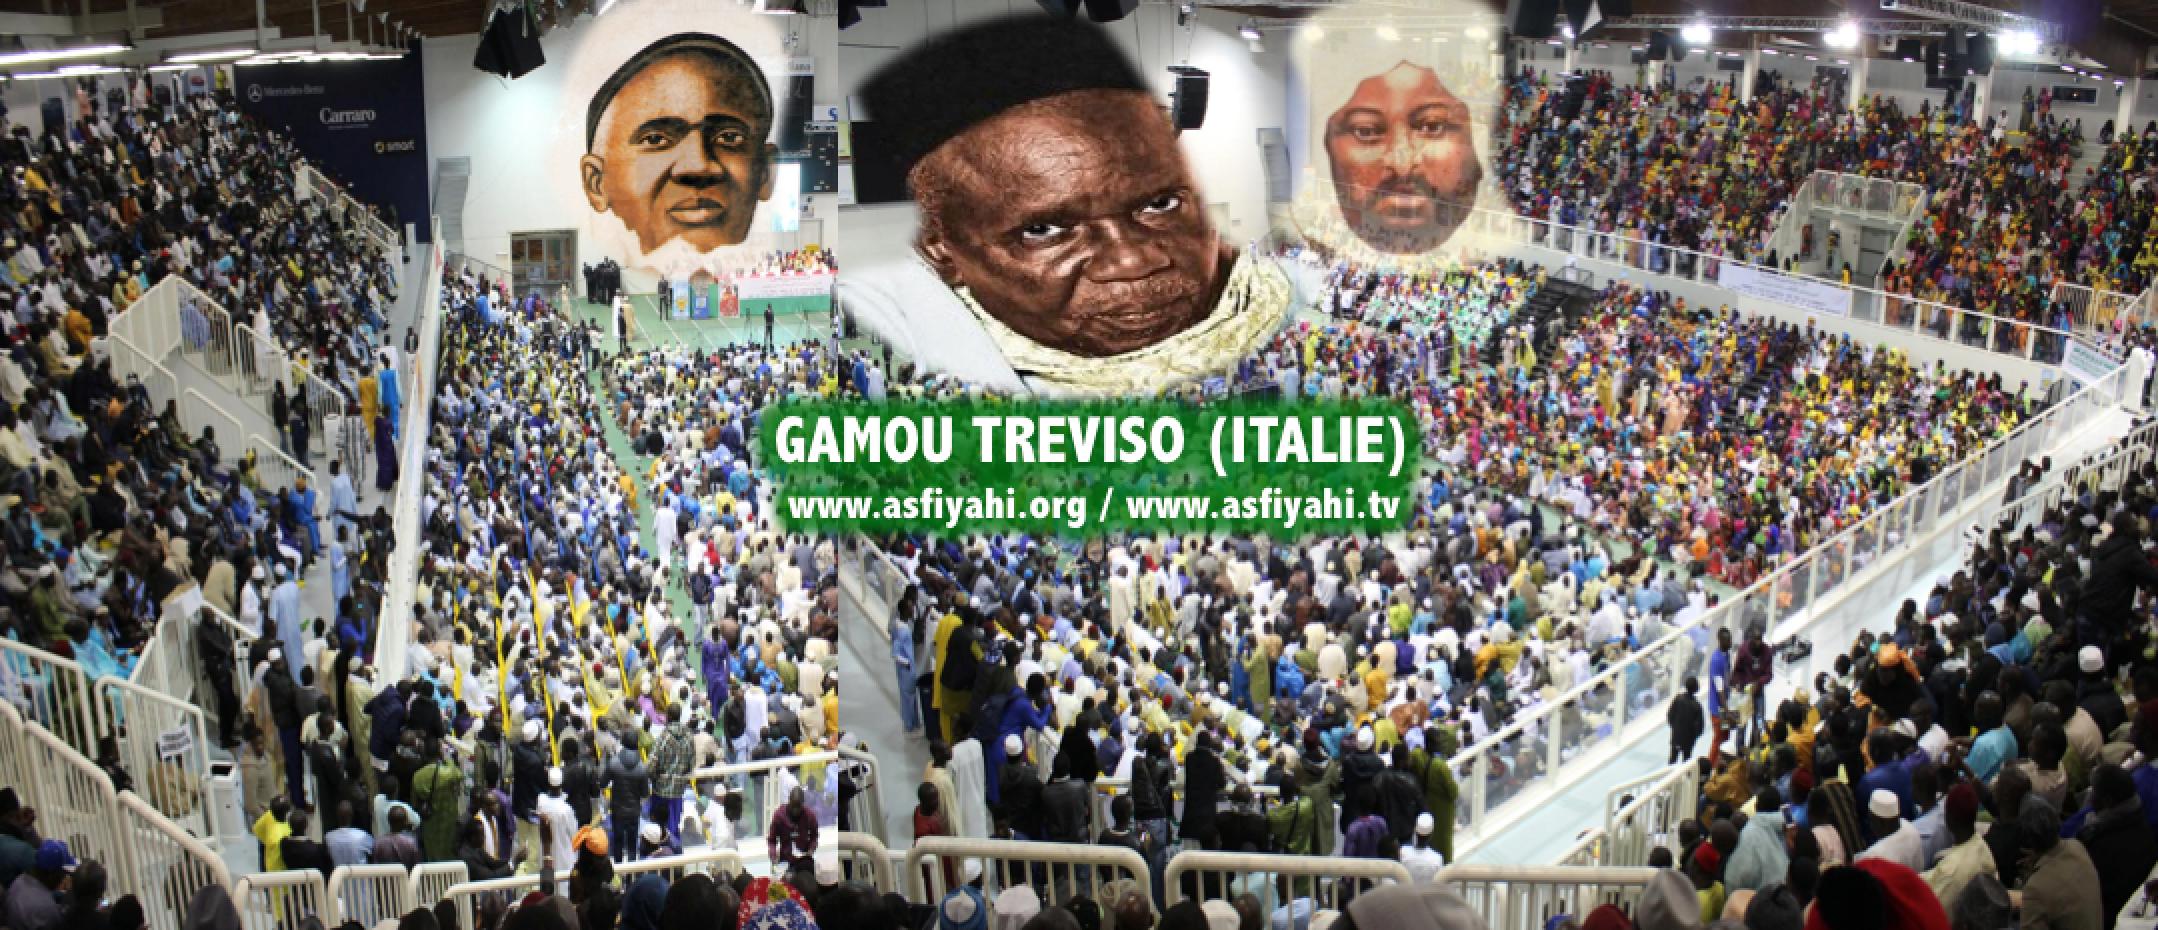 Gamou de Treviso, un bel exemple de solidarité confrérique